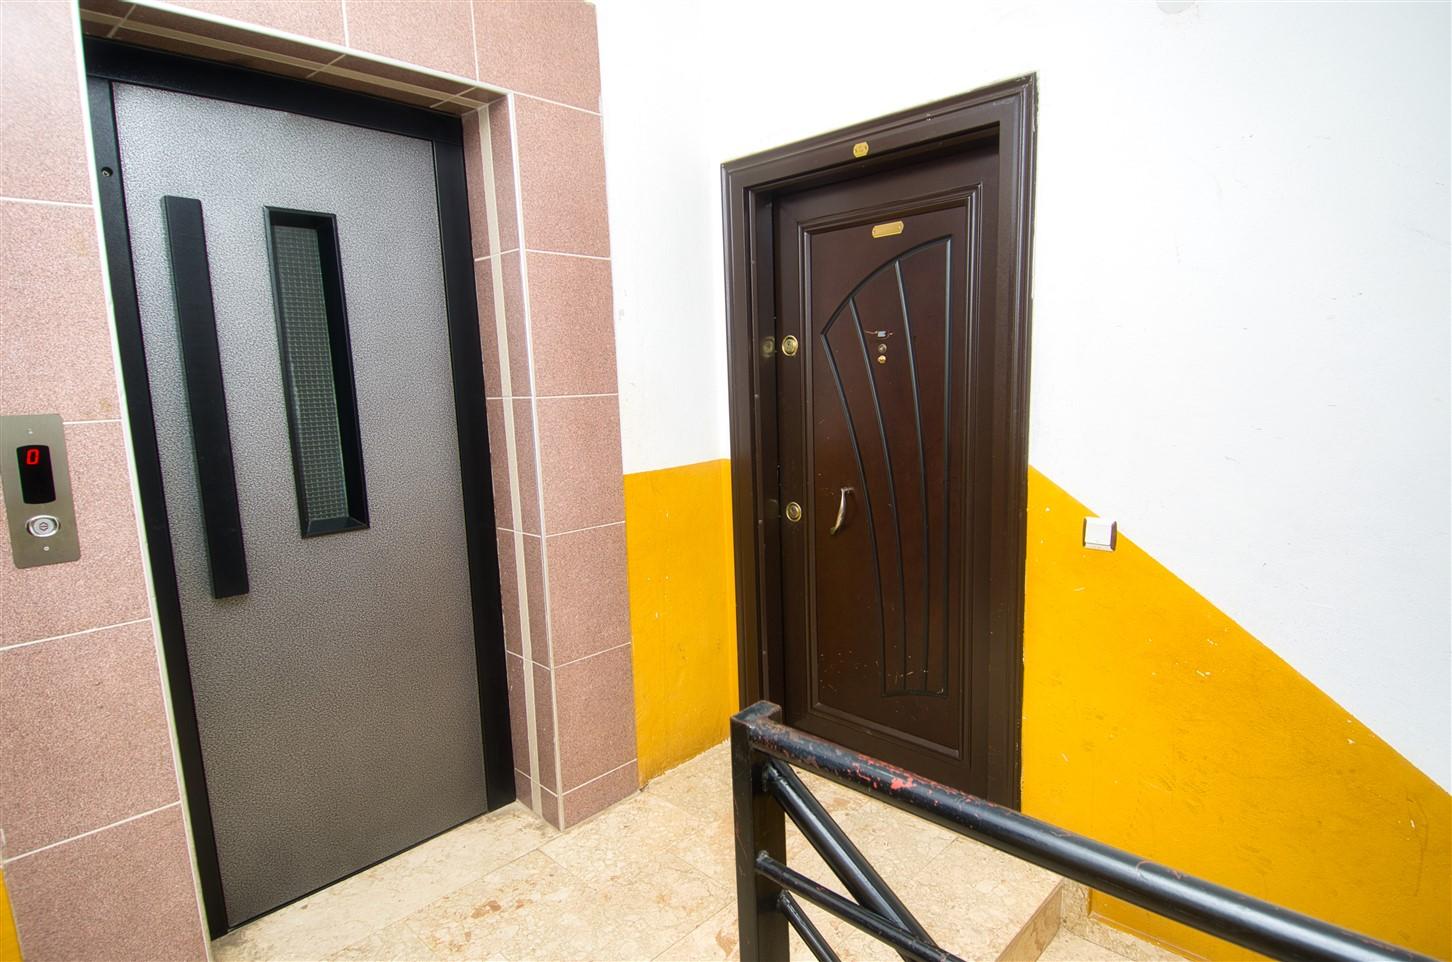 Трёхкомнатная квартира в центре Антальи по очень привлекательной цене - Фото 1